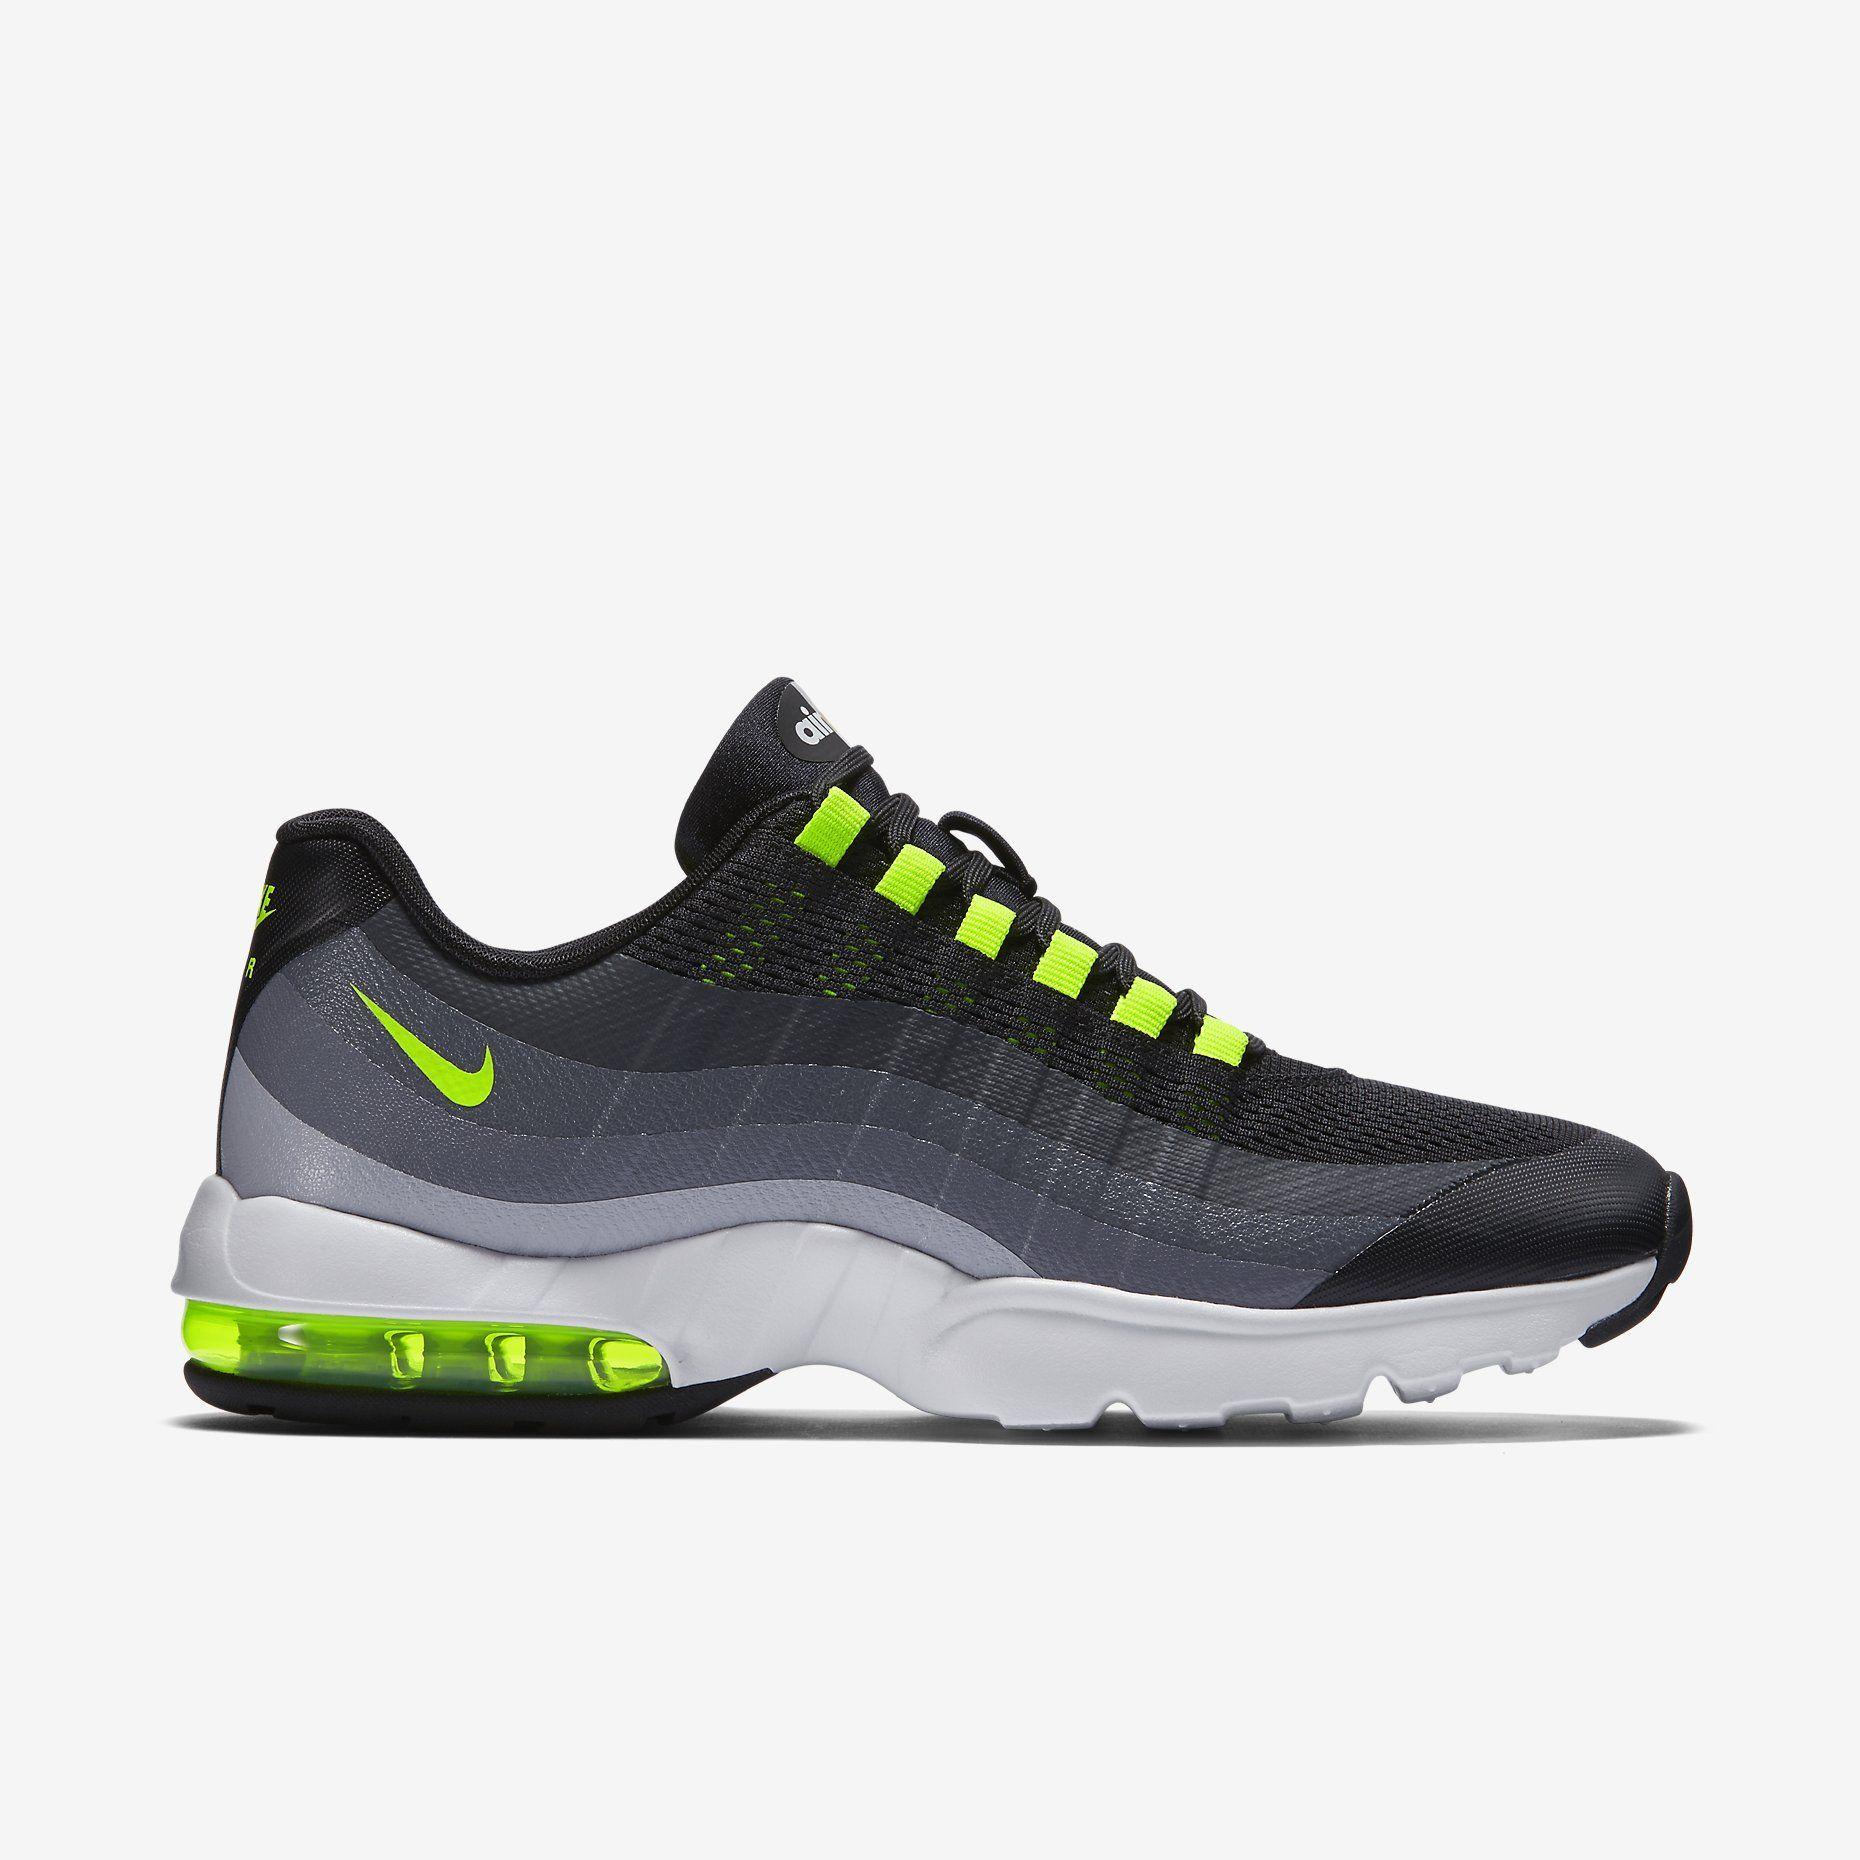 watch c2315 1d9fa Air Max 95 Femme, Chaussure Nike Air, Chaussures Nike, Achat, Chaussures  Originales